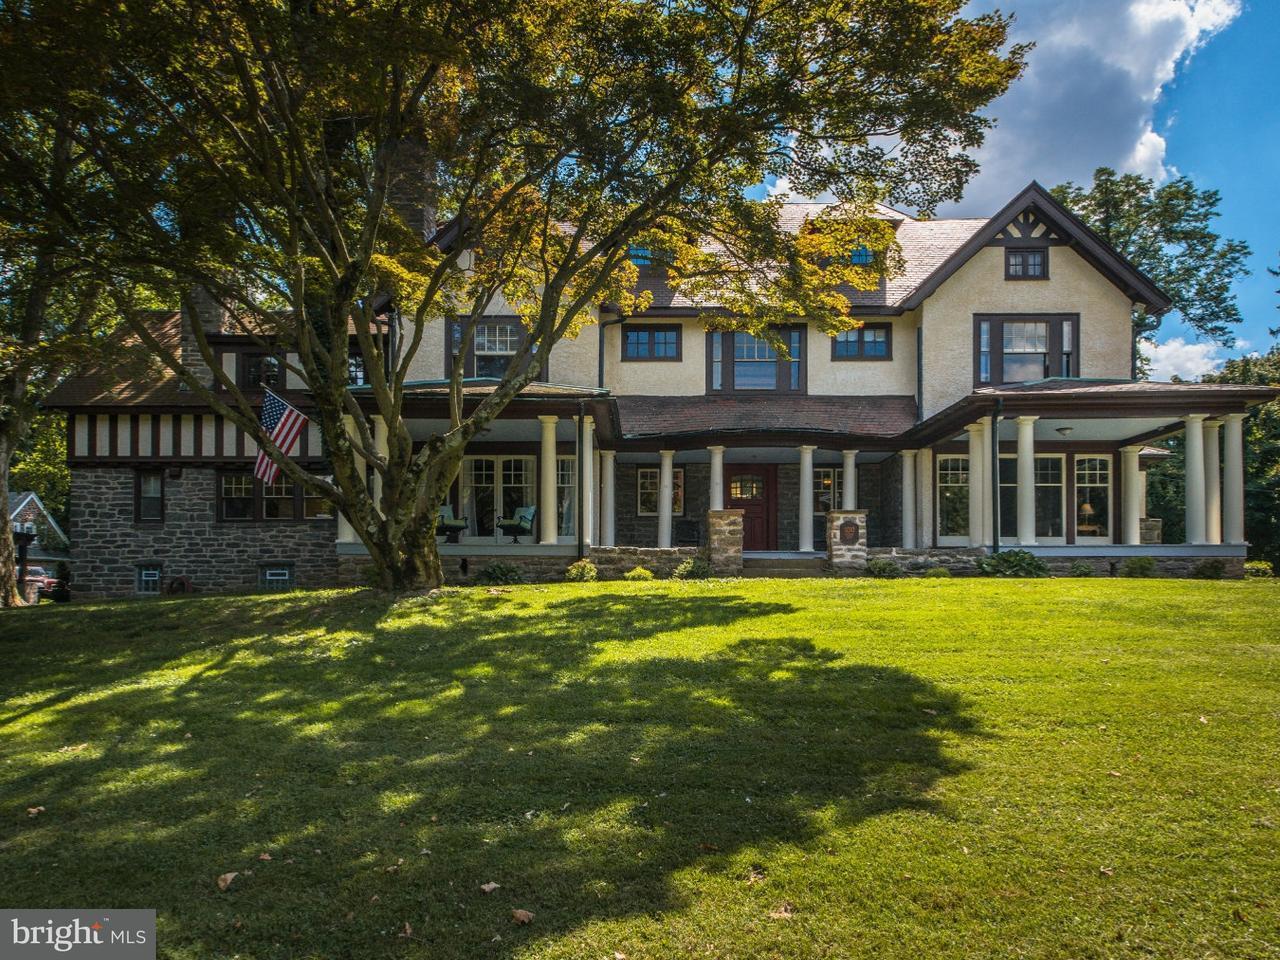 Частный односемейный дом для того Продажа на 1010 VALLEY Road Elkins Park, Пенсильвания 19027 Соединенные Штаты